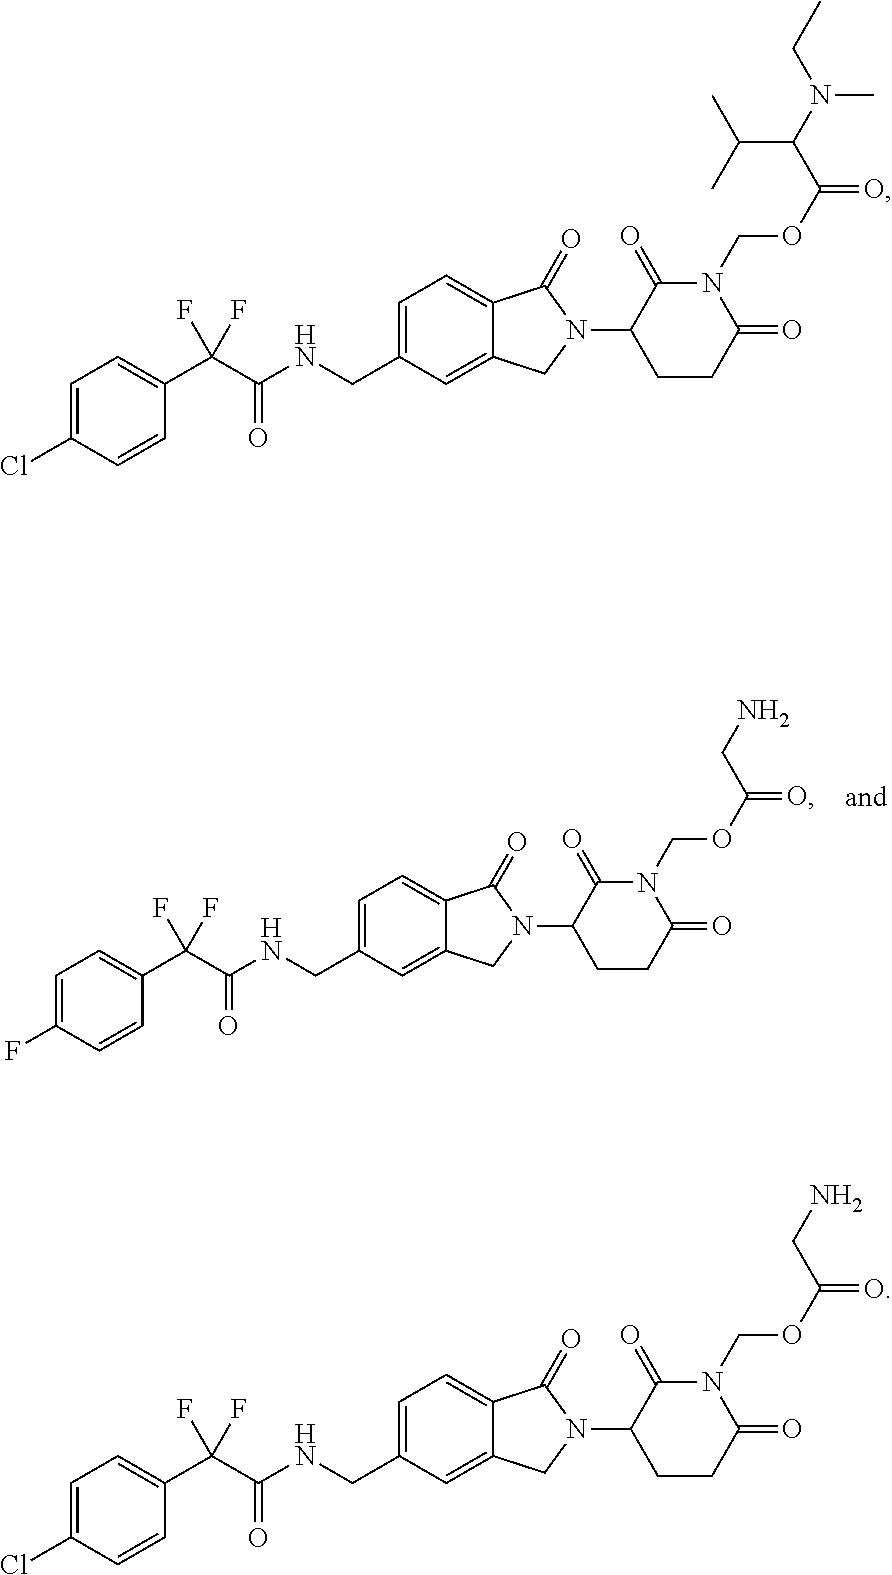 Figure US09938254-20180410-C00048